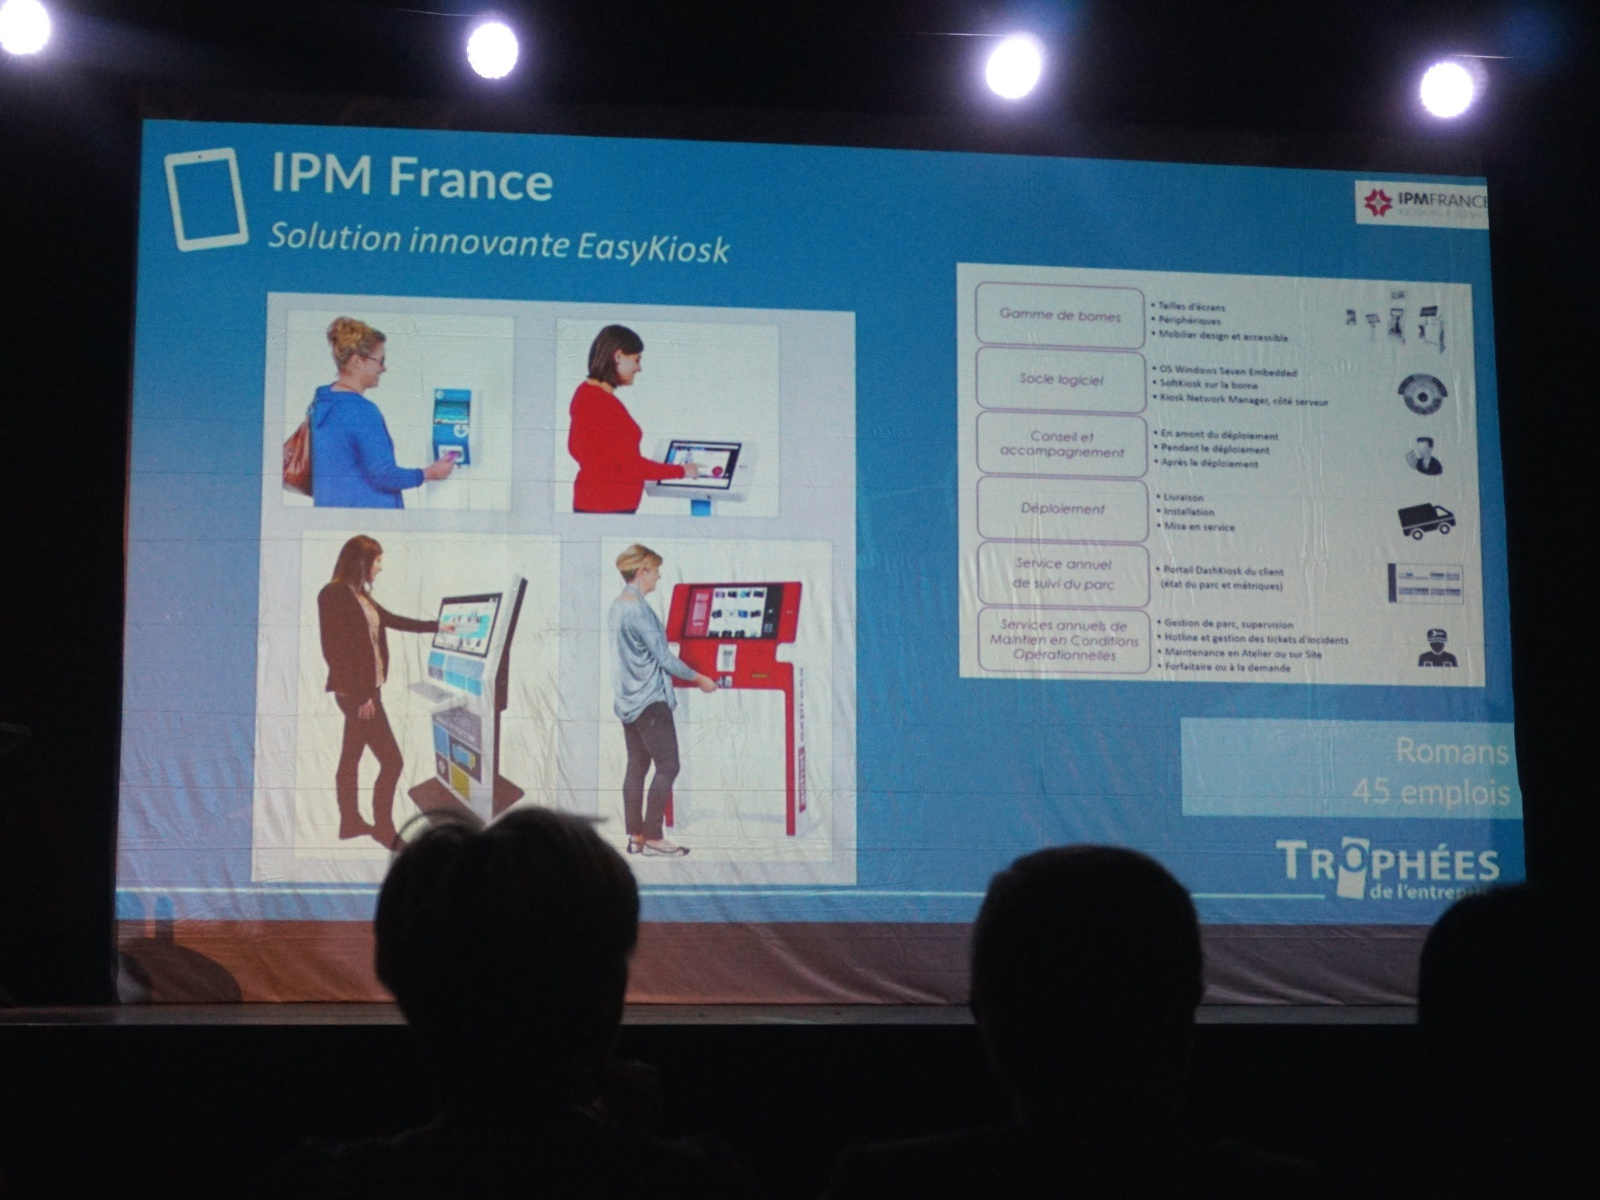 trophées de l'entreprise - IPM France